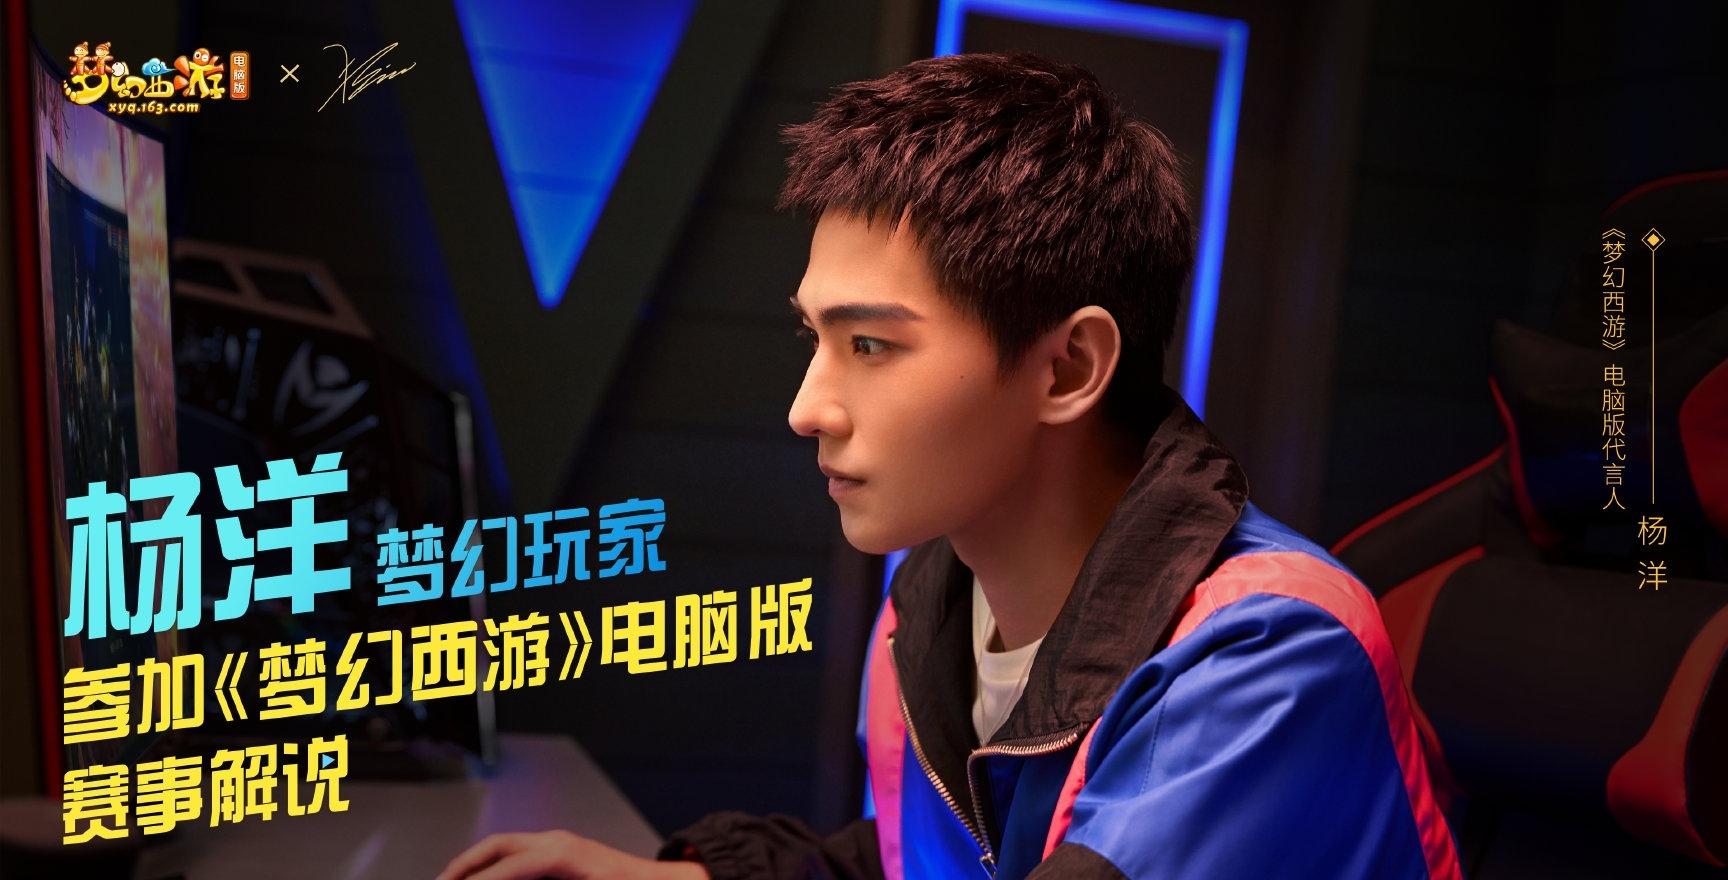 杨洋化身梦幻西游赛事解说,大聊游戏经历,是电竞男主本人了